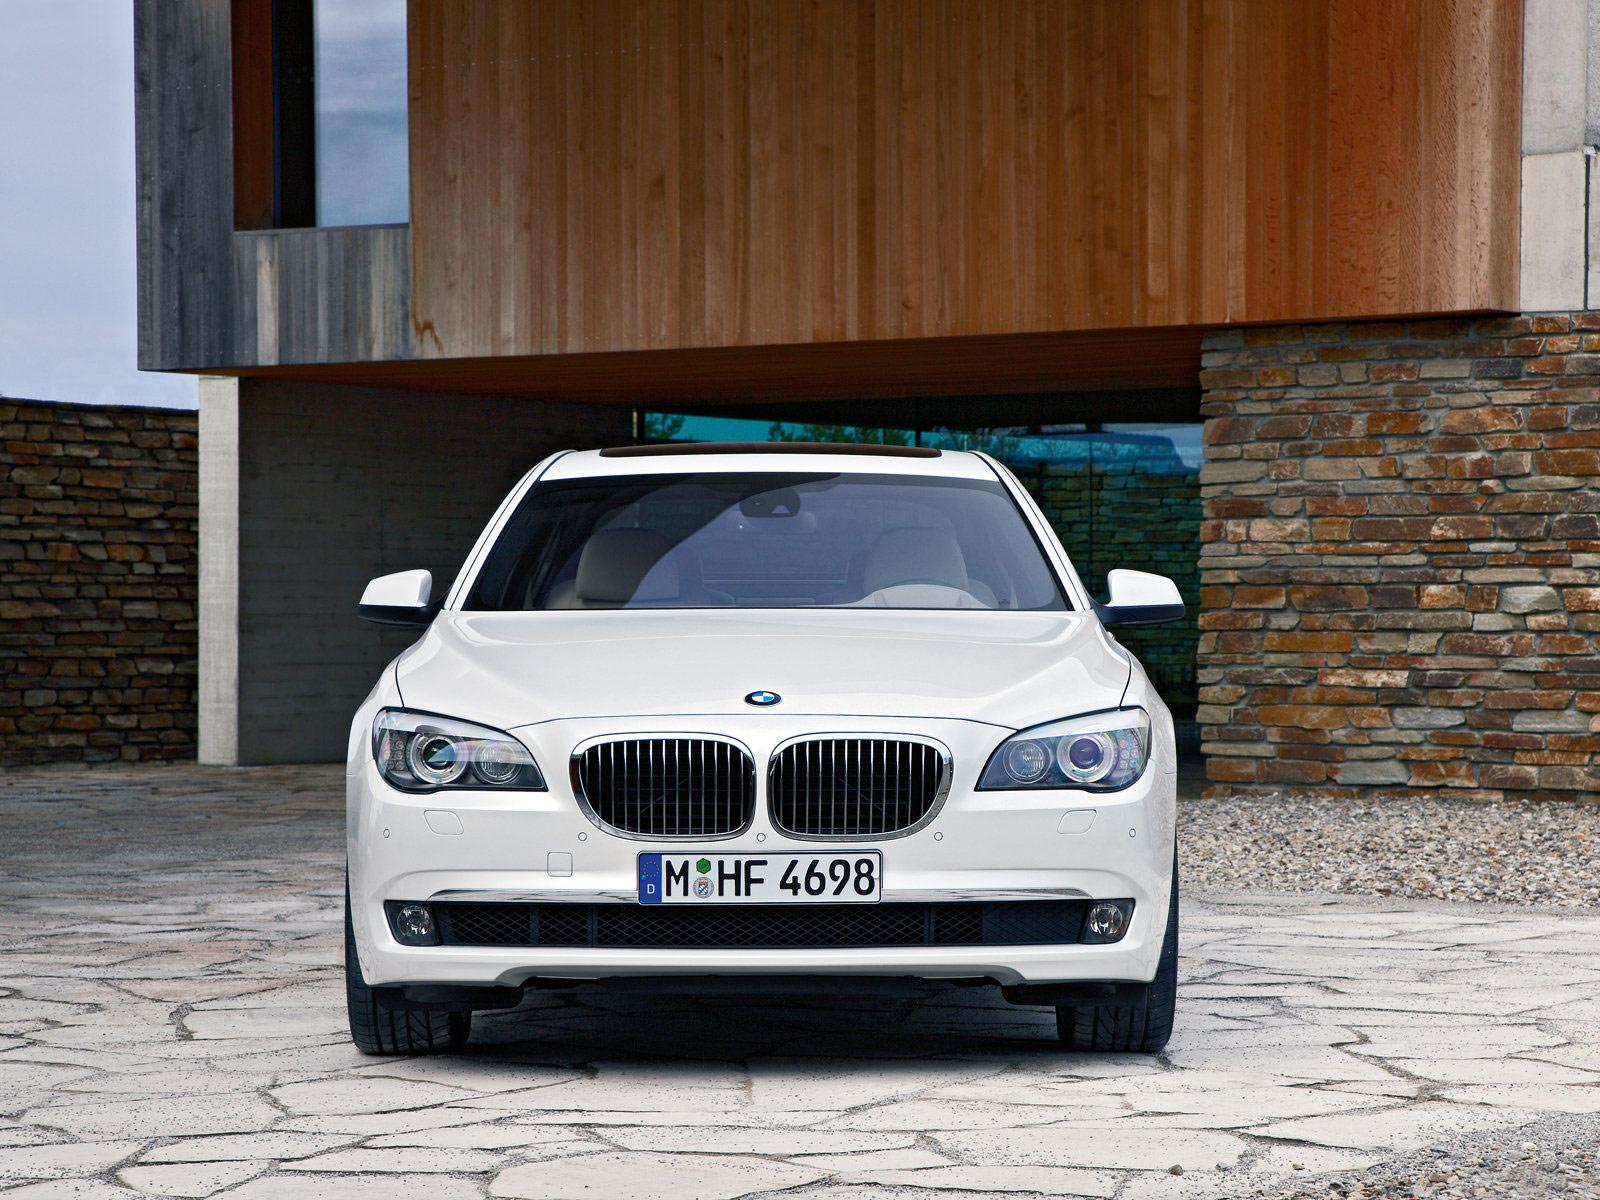 http://3.bp.blogspot.com/_DEP49tusZwg/TNF5RV8y53I/AAAAAAAACQs/HdaRCNjh7o8/s1600/BMW-760Li_2010_06.jpg